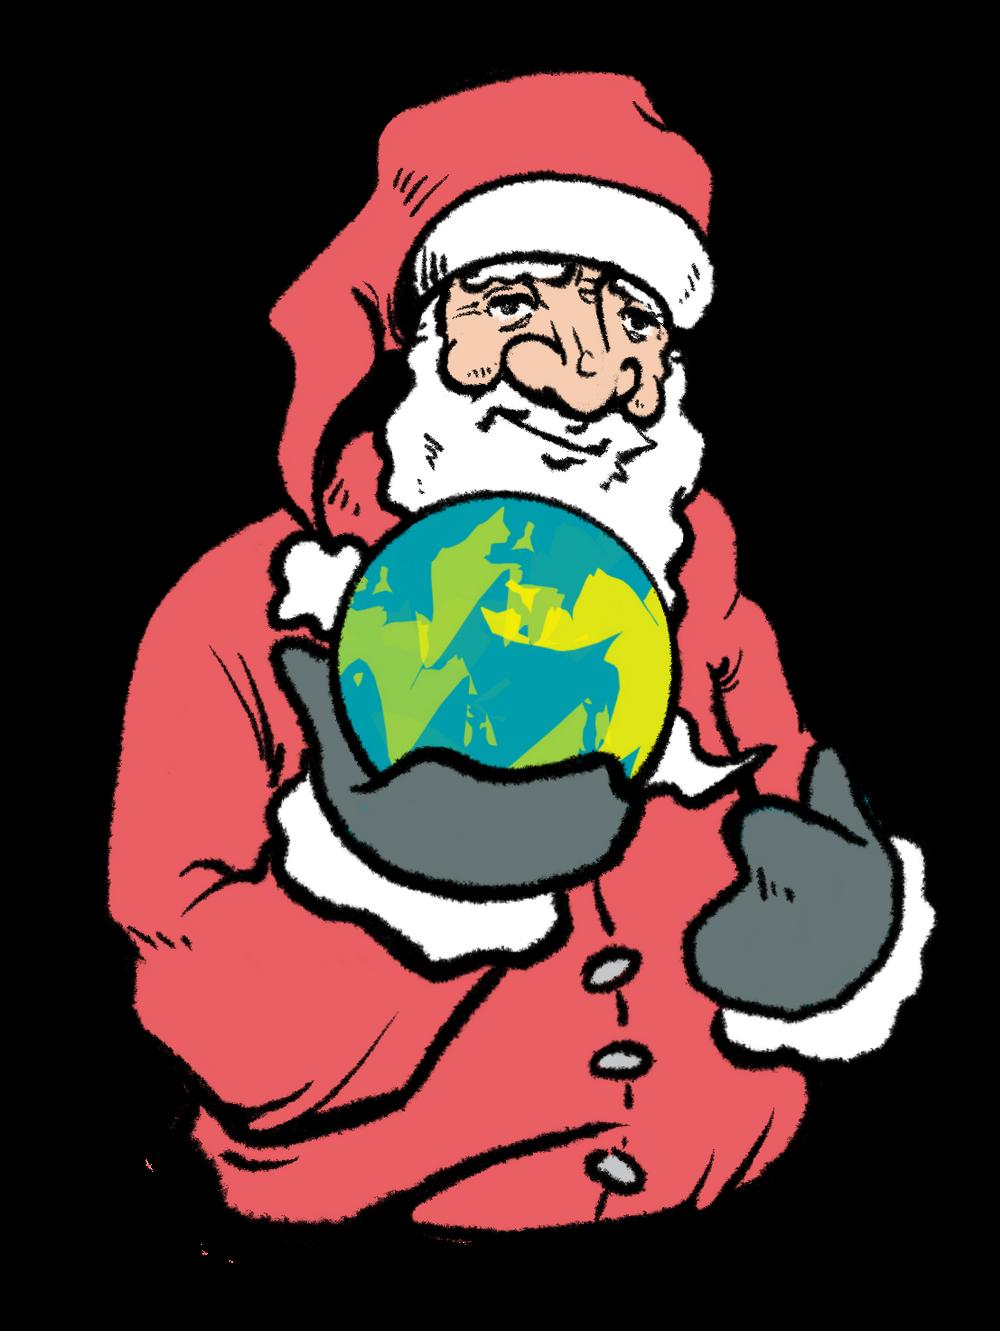 14 procent av svenskarna ändrar sitt julfirande för klimatet fc1c562029410